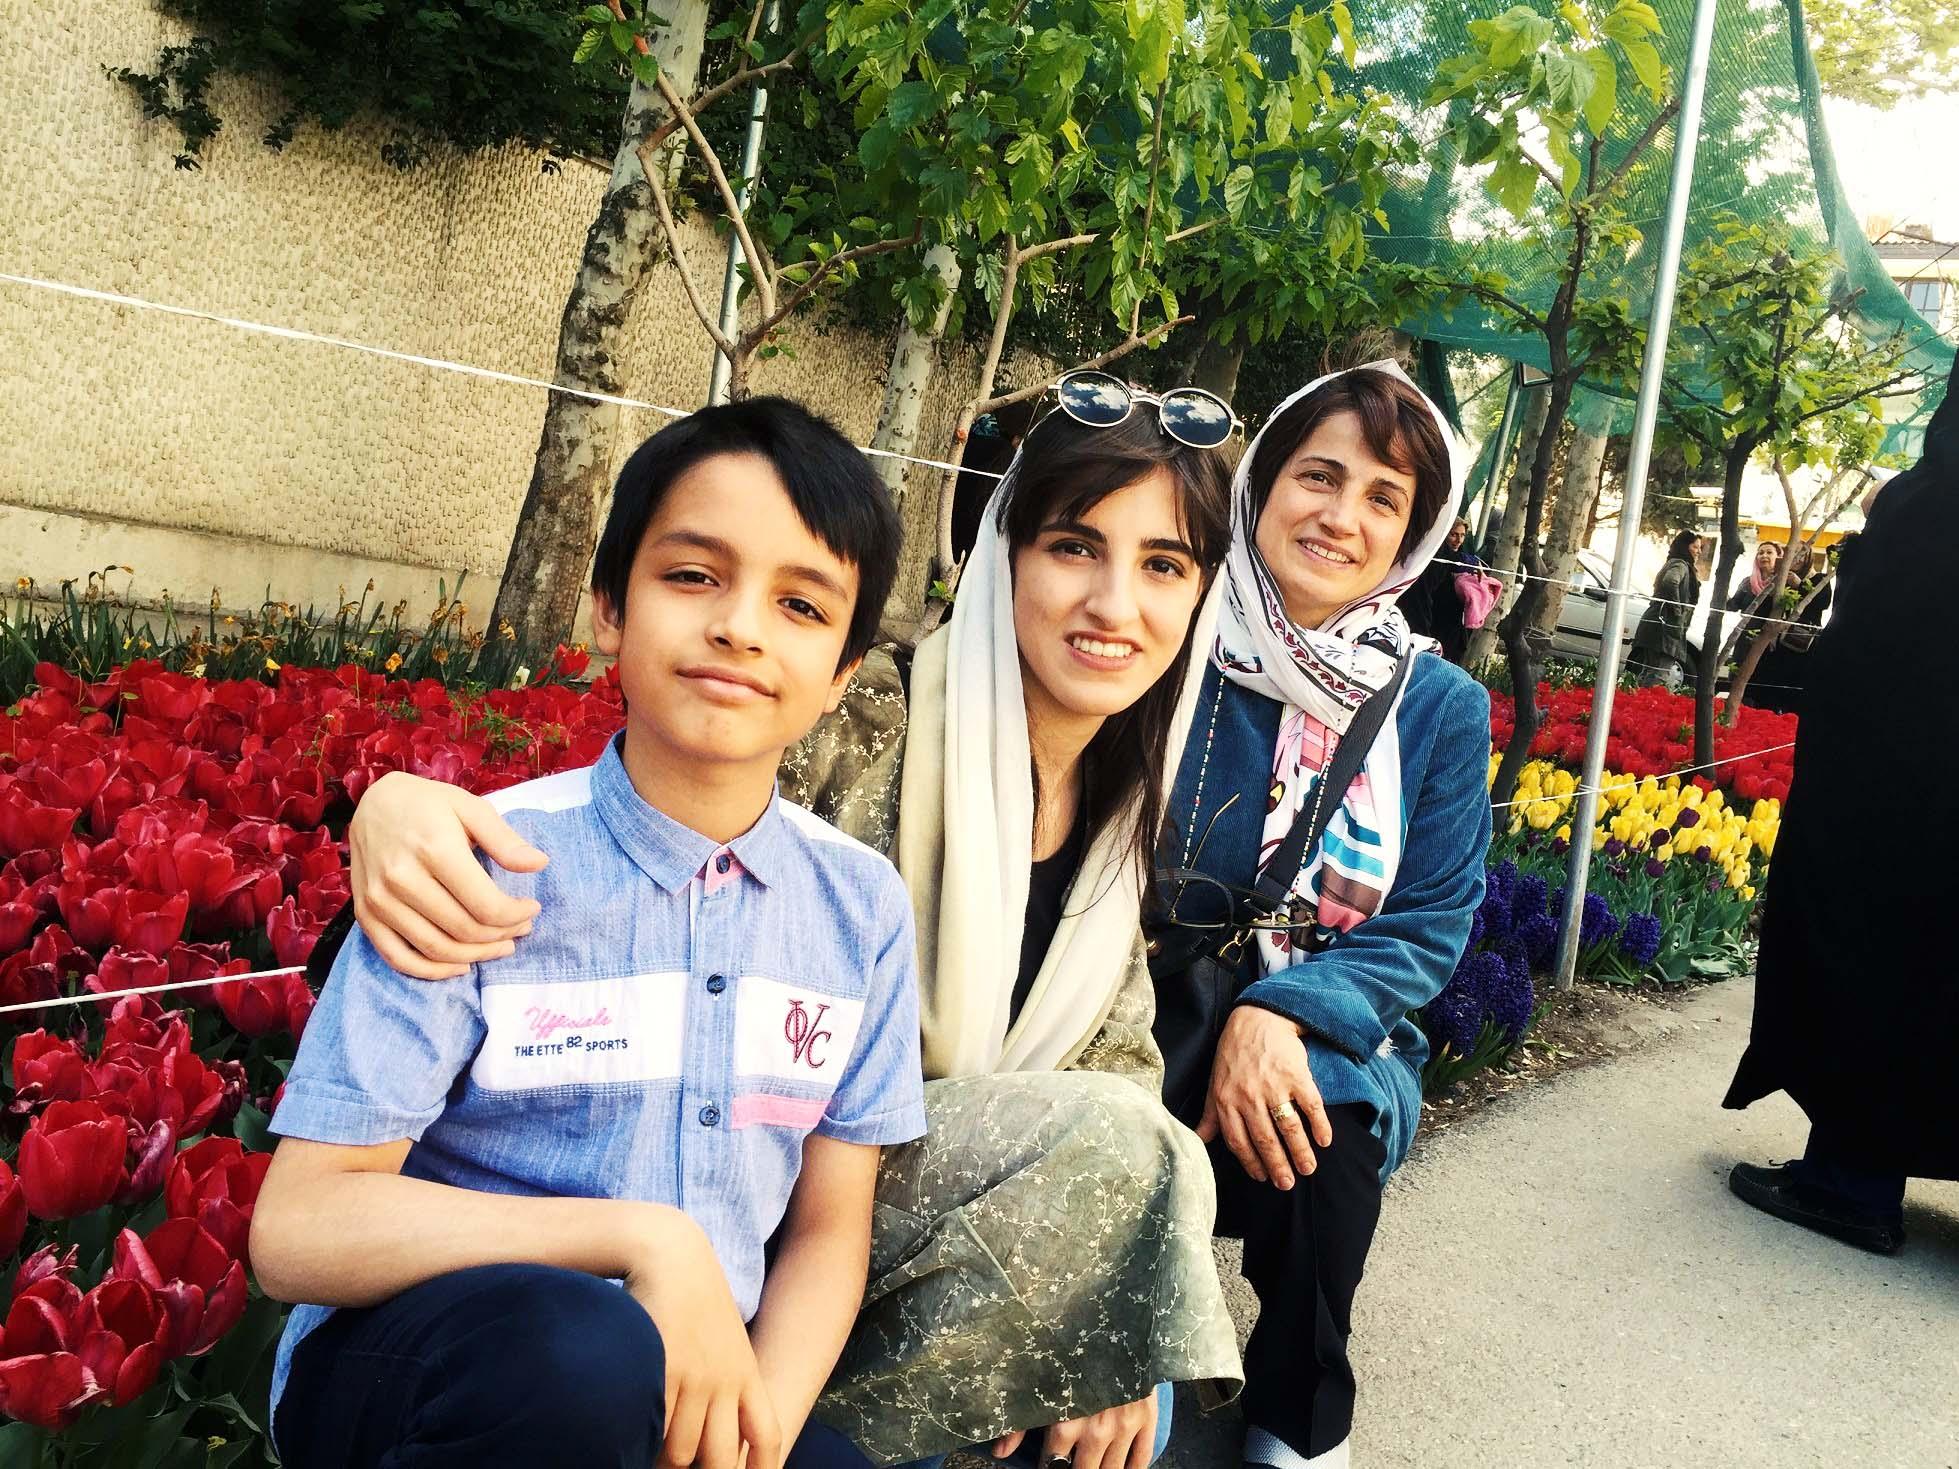 دختر ۱۷ ساله نسرین ستوده برای دومین بار ممنوعالخروج شد